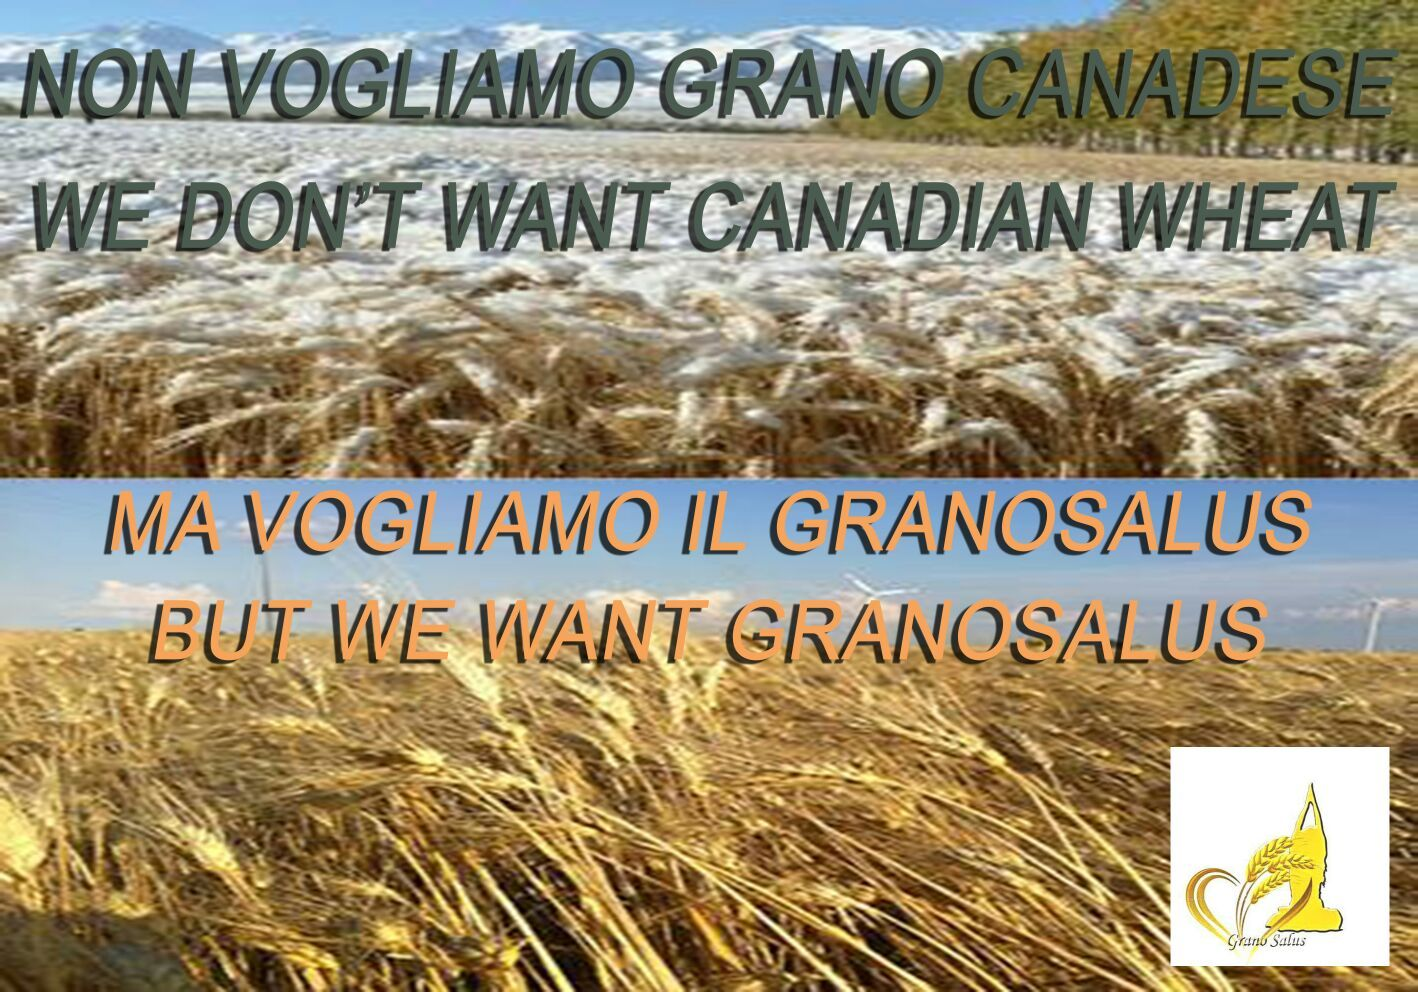 L'Italia? Piena di grano duro canadese, ma non si deve dire. Complimenti alla Lega di Salvini per il Manitoba che arriva al Nord…